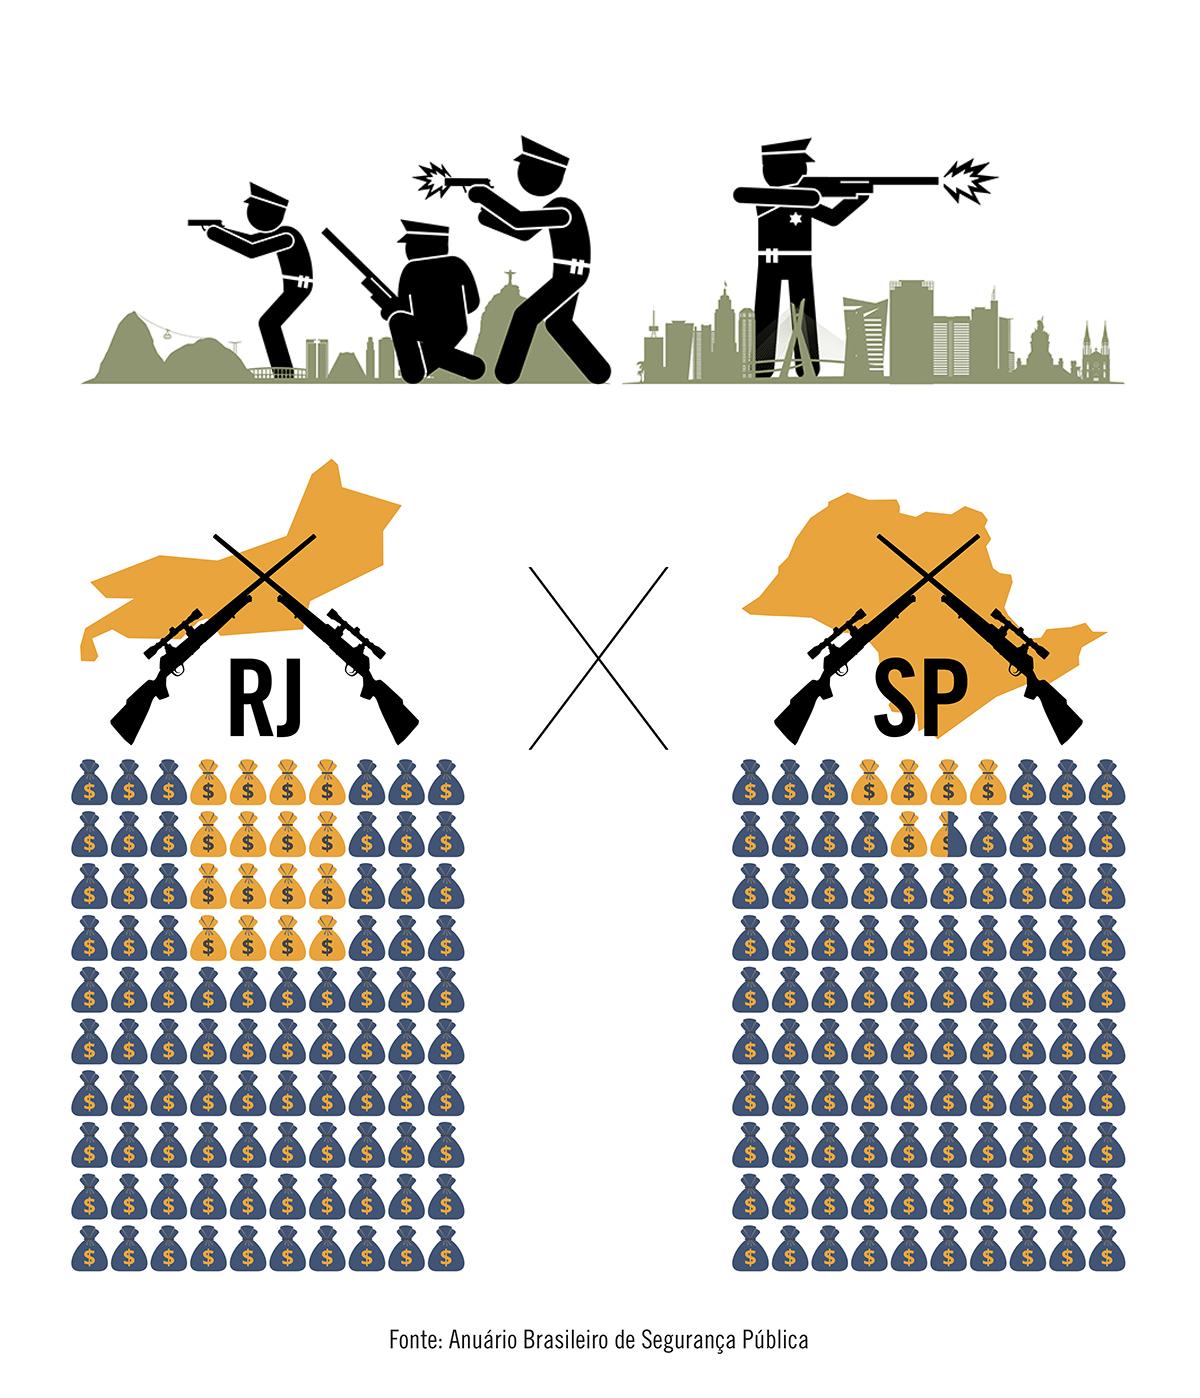 Proporcionalmente, Rio de Janeiro gastou o triplo de São Paulo com segurança pública em 2020